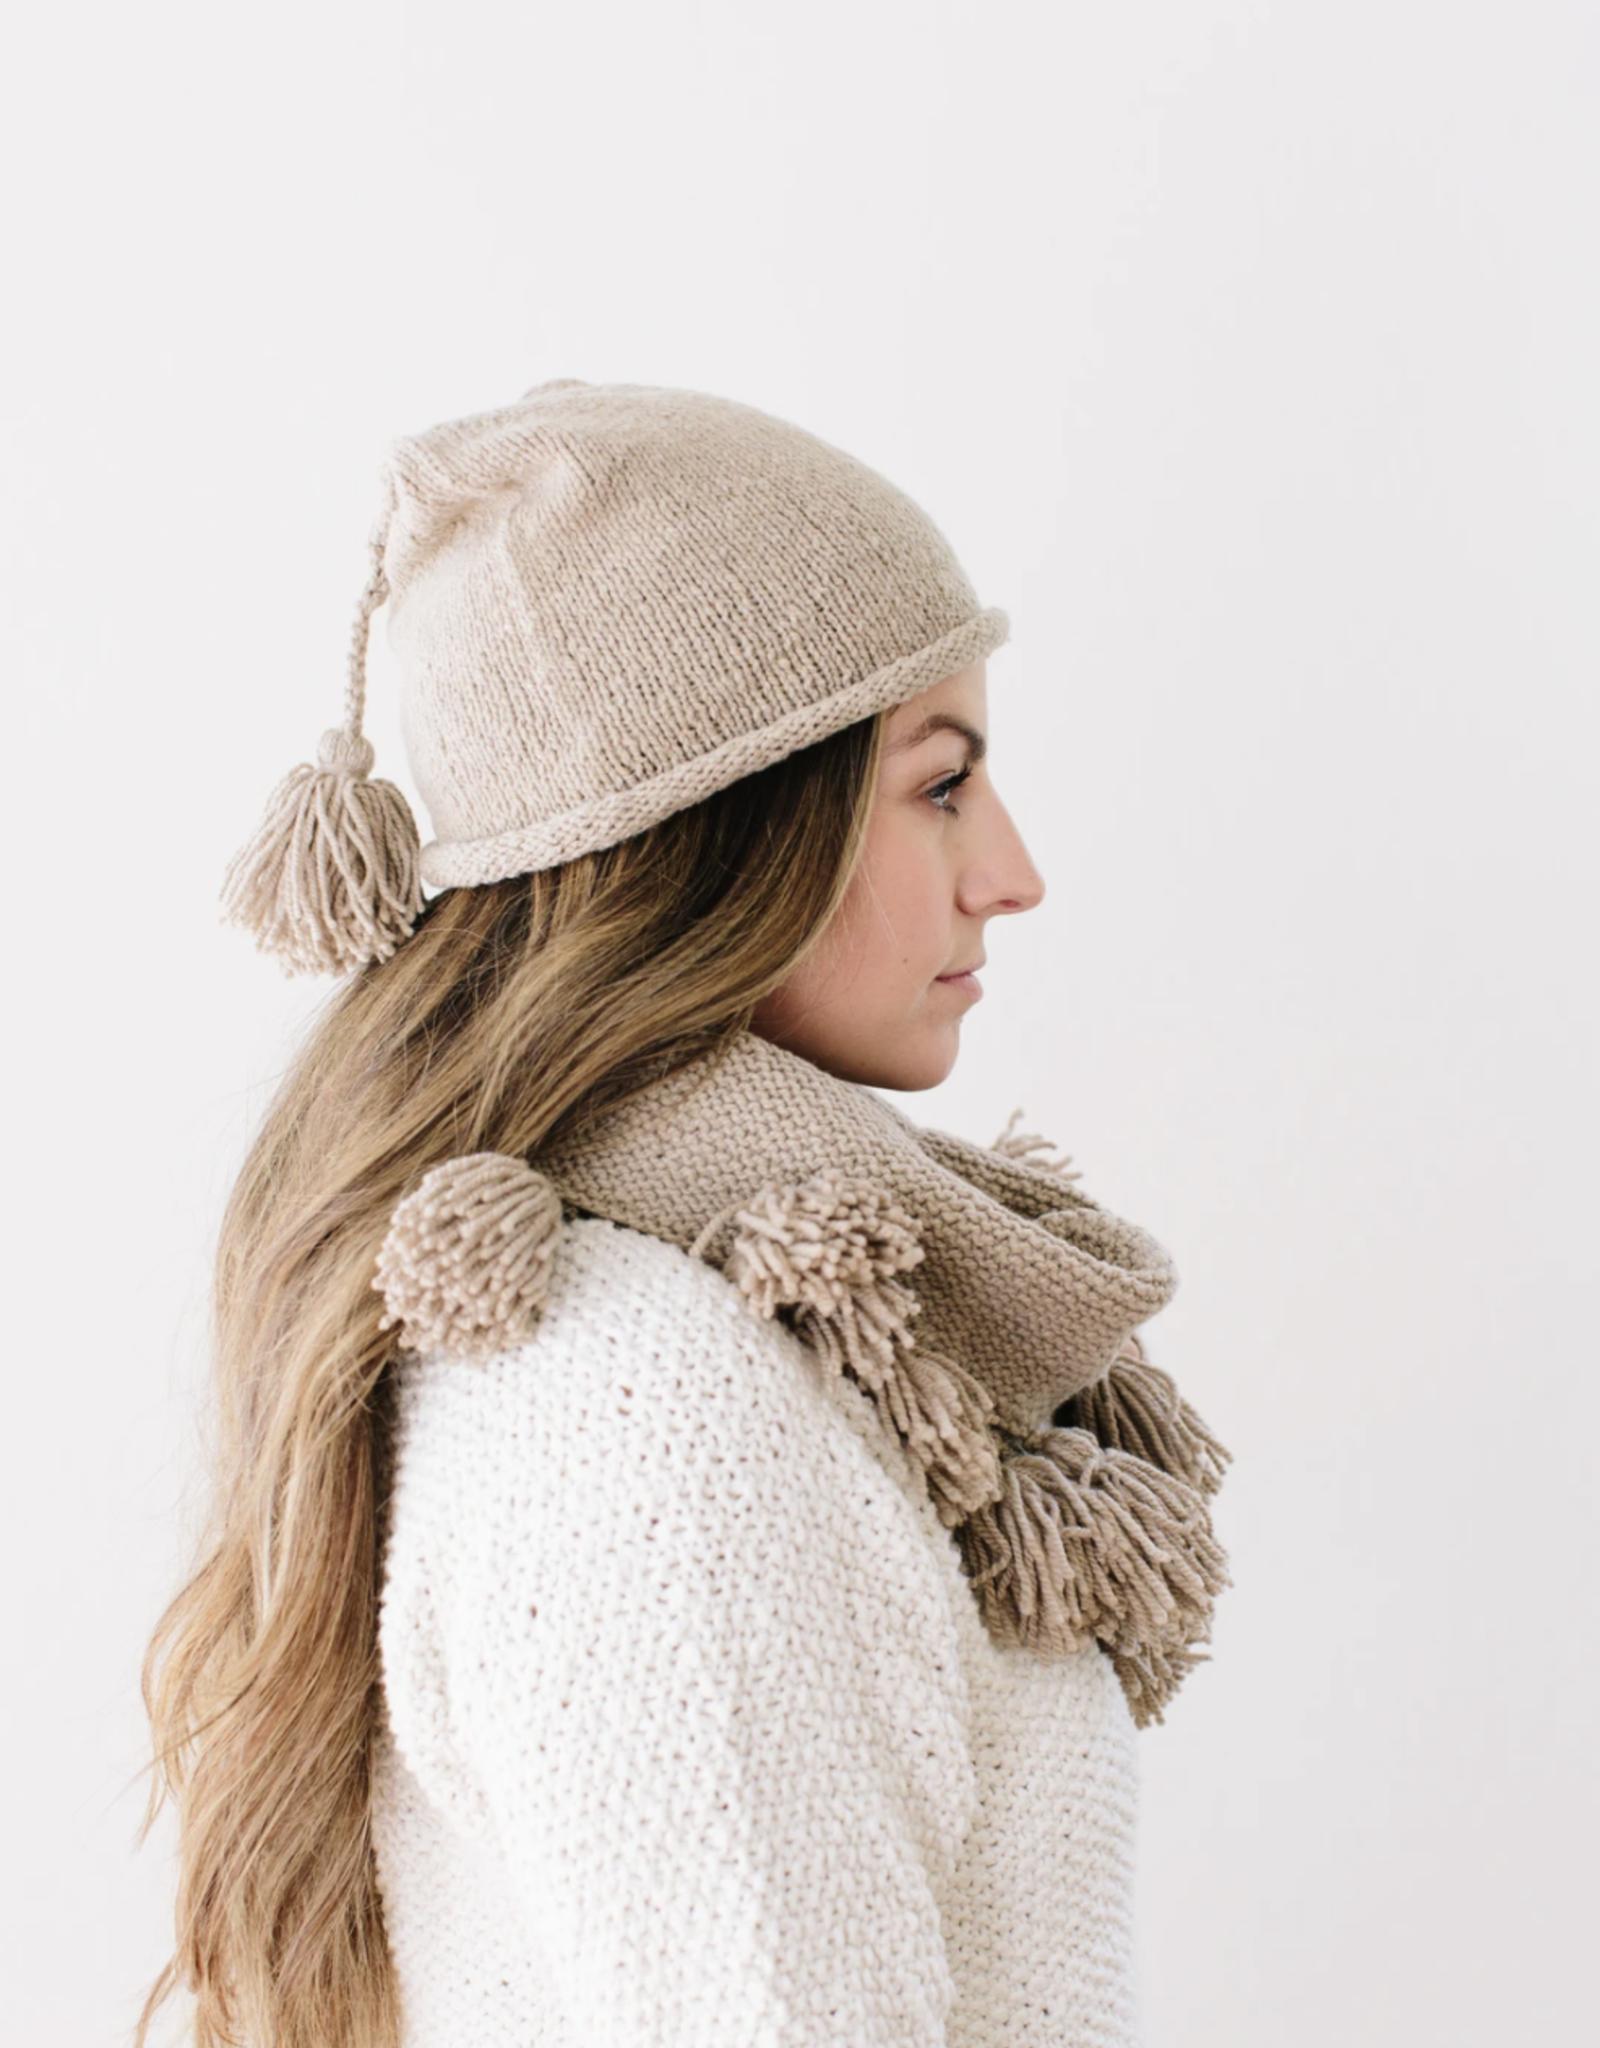 Handspun Hope Chantal Tassel Hat Kit